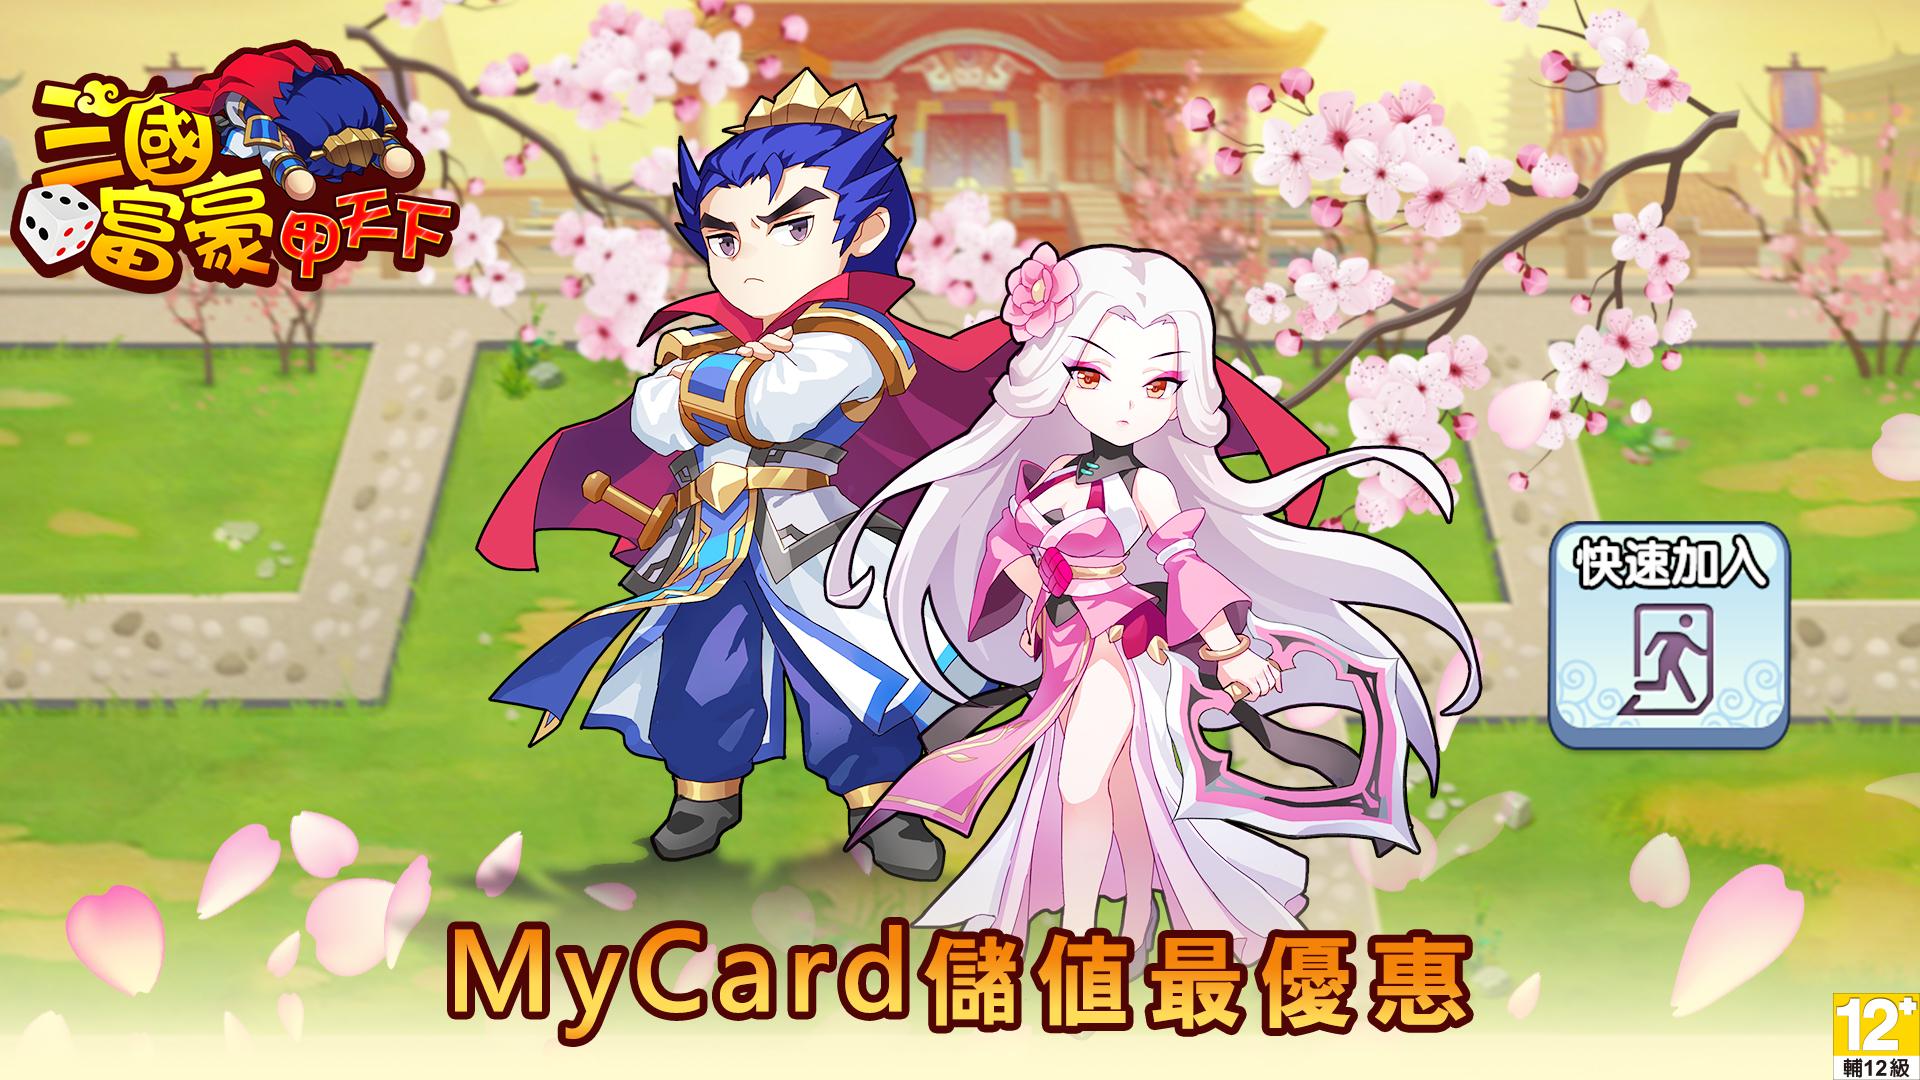 《三國富豪甲天下》MyCard儲值享超值好禮回饋|中華